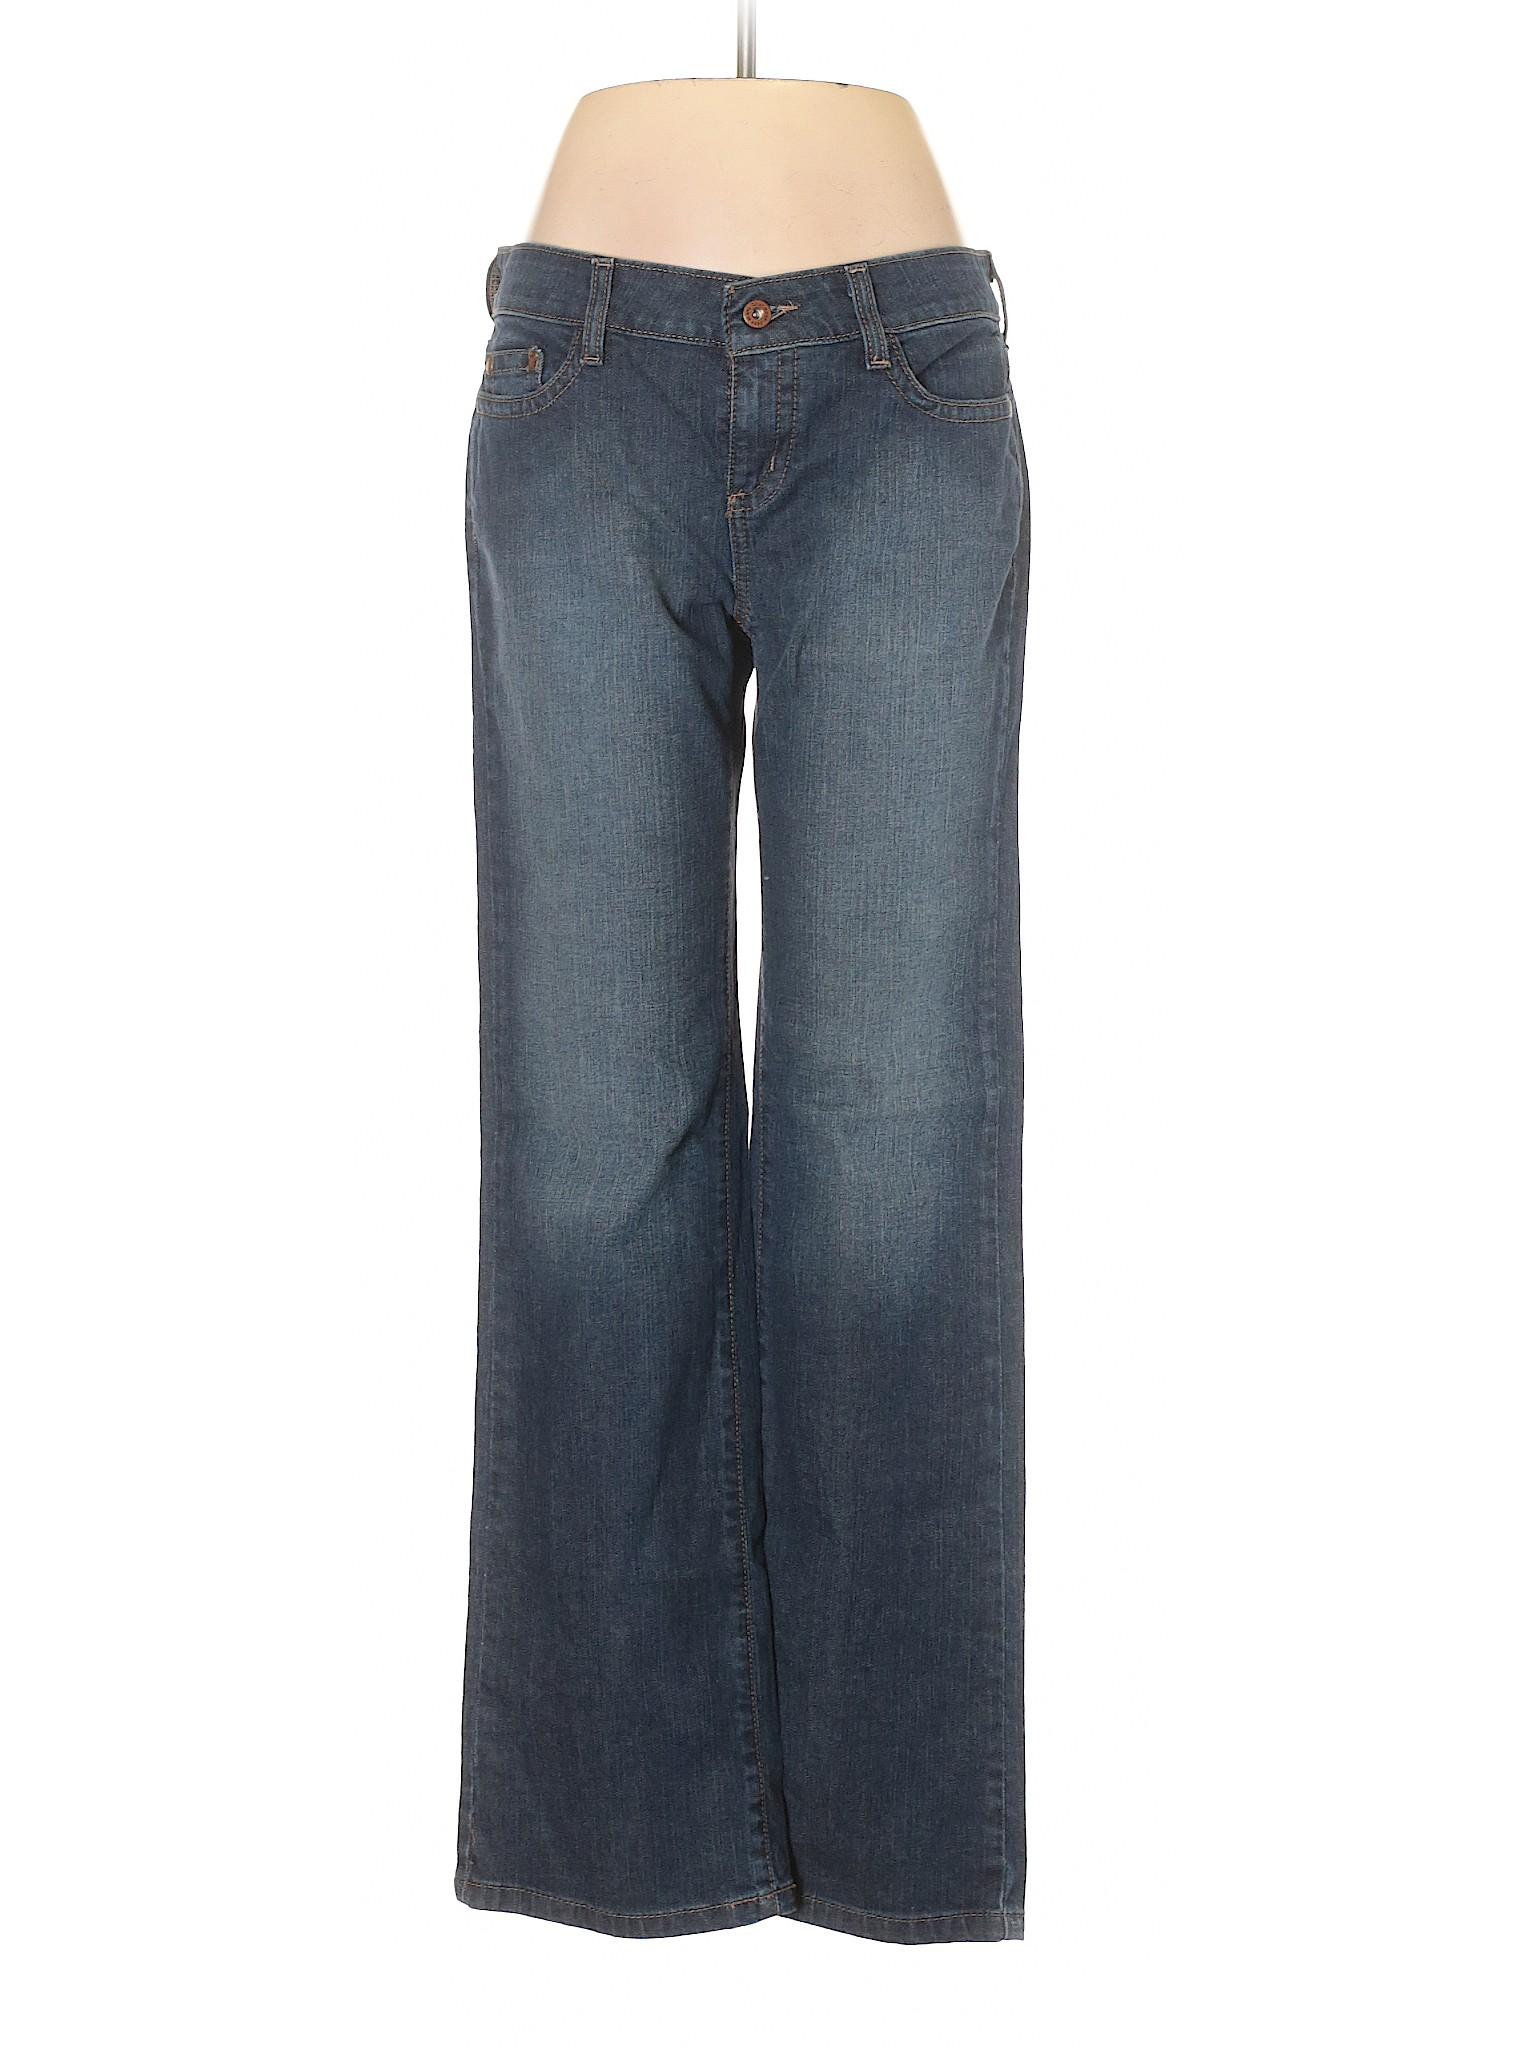 Jeans DKNY Promotion Jeans Promotion DKNY Jeans DKNY Jeans Promotion Promotion Promotion Jeans DKNY DKNY xAOqZp